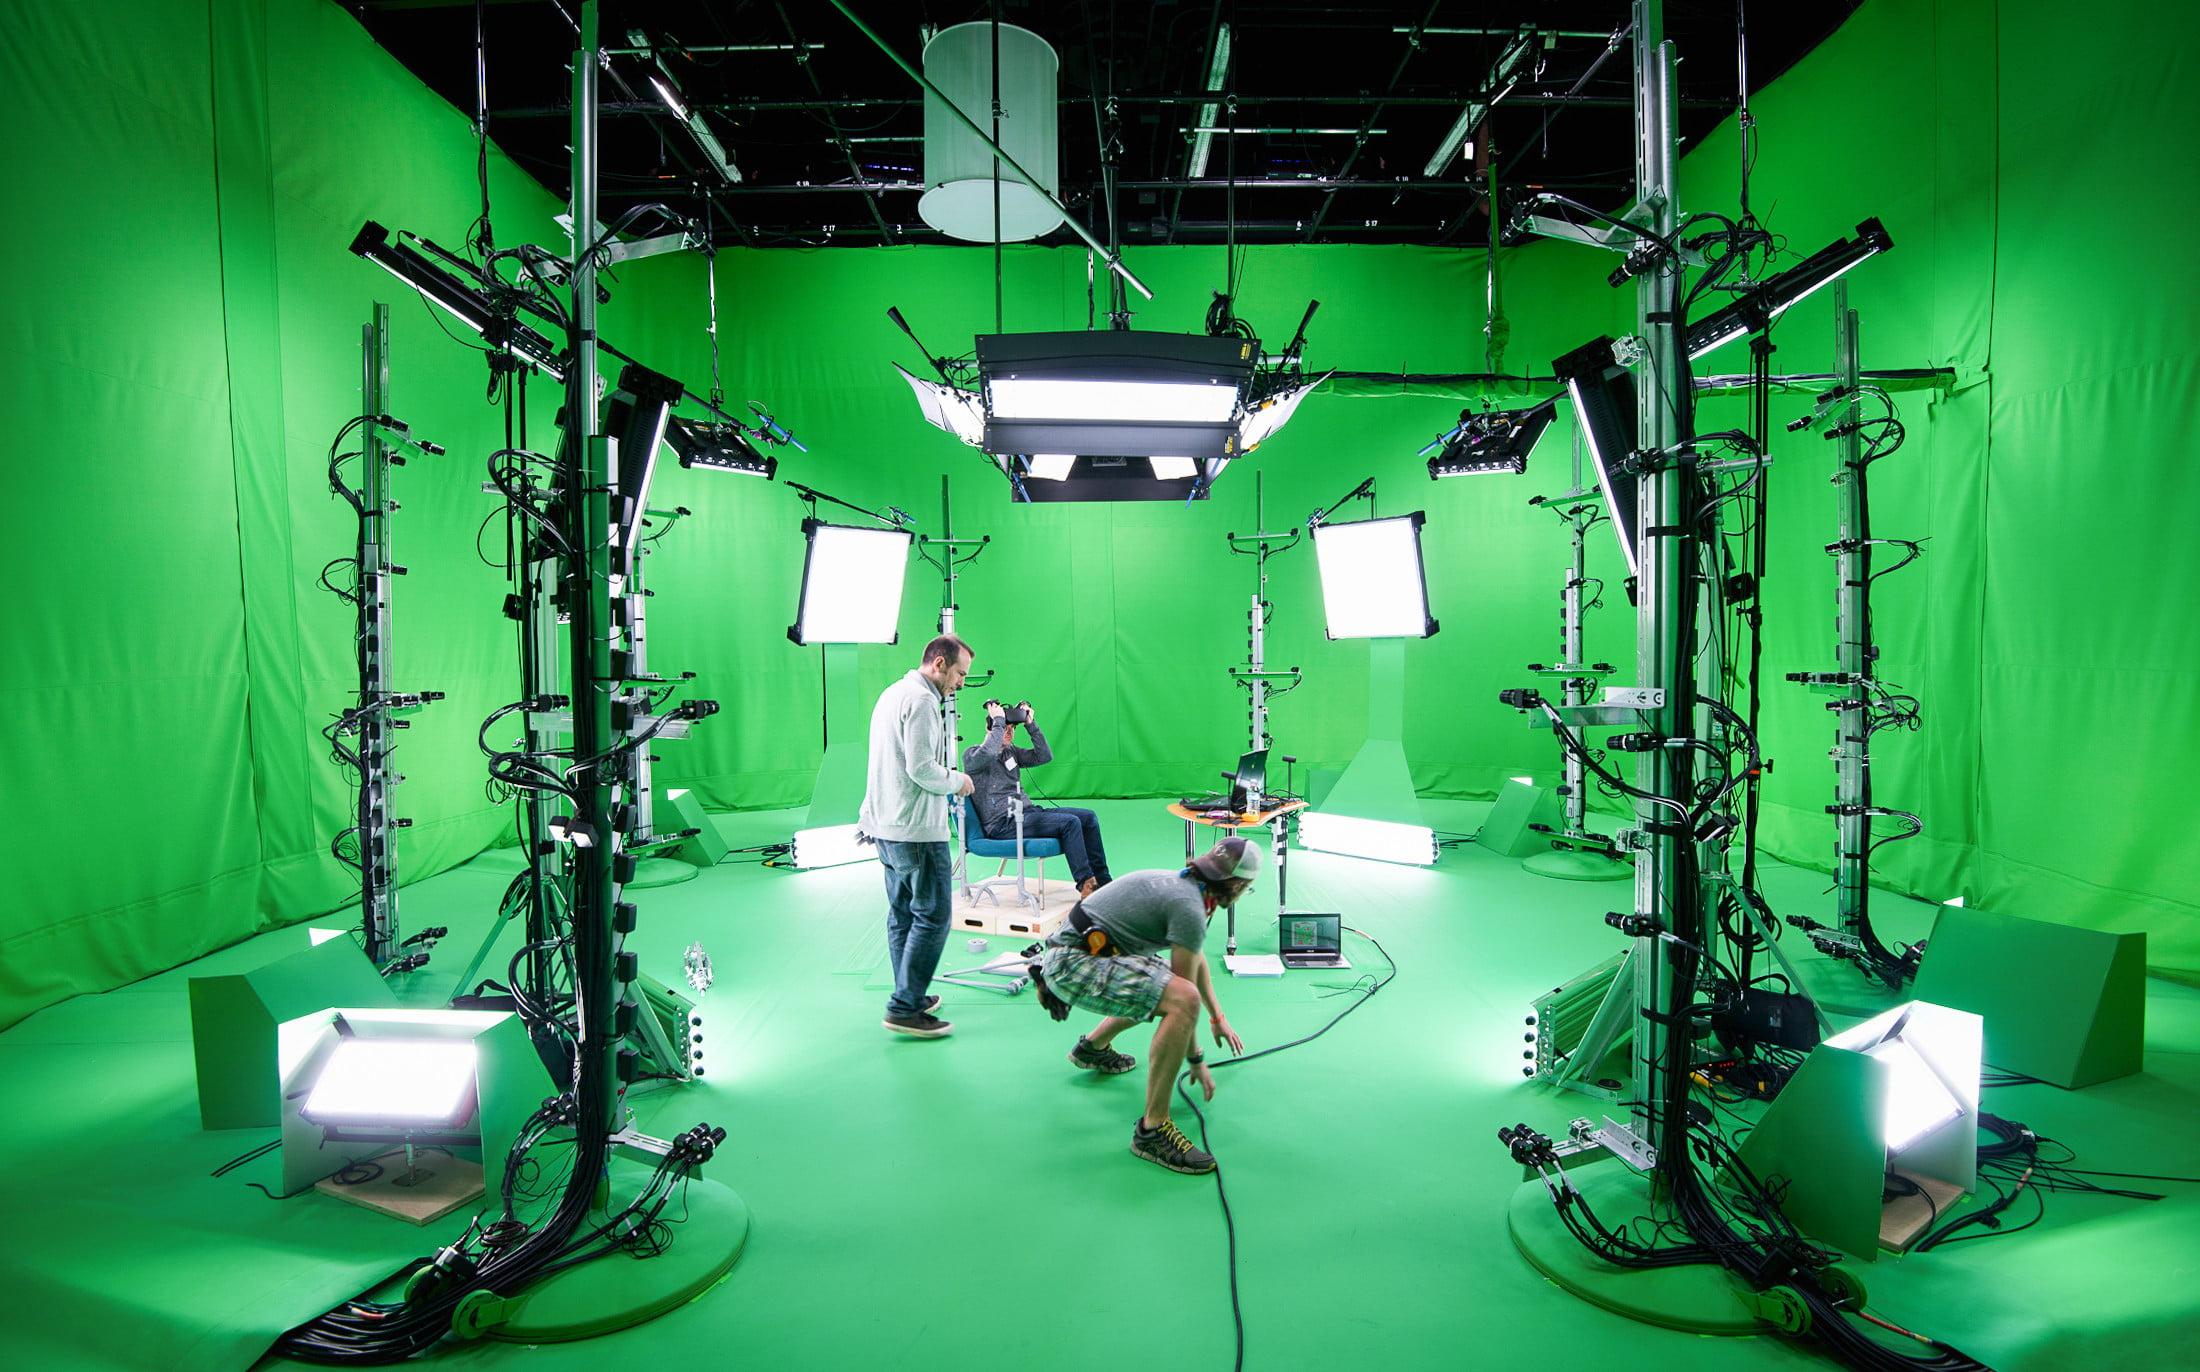 Les coulisses du tournage de la capture de mouvement Awake VR.